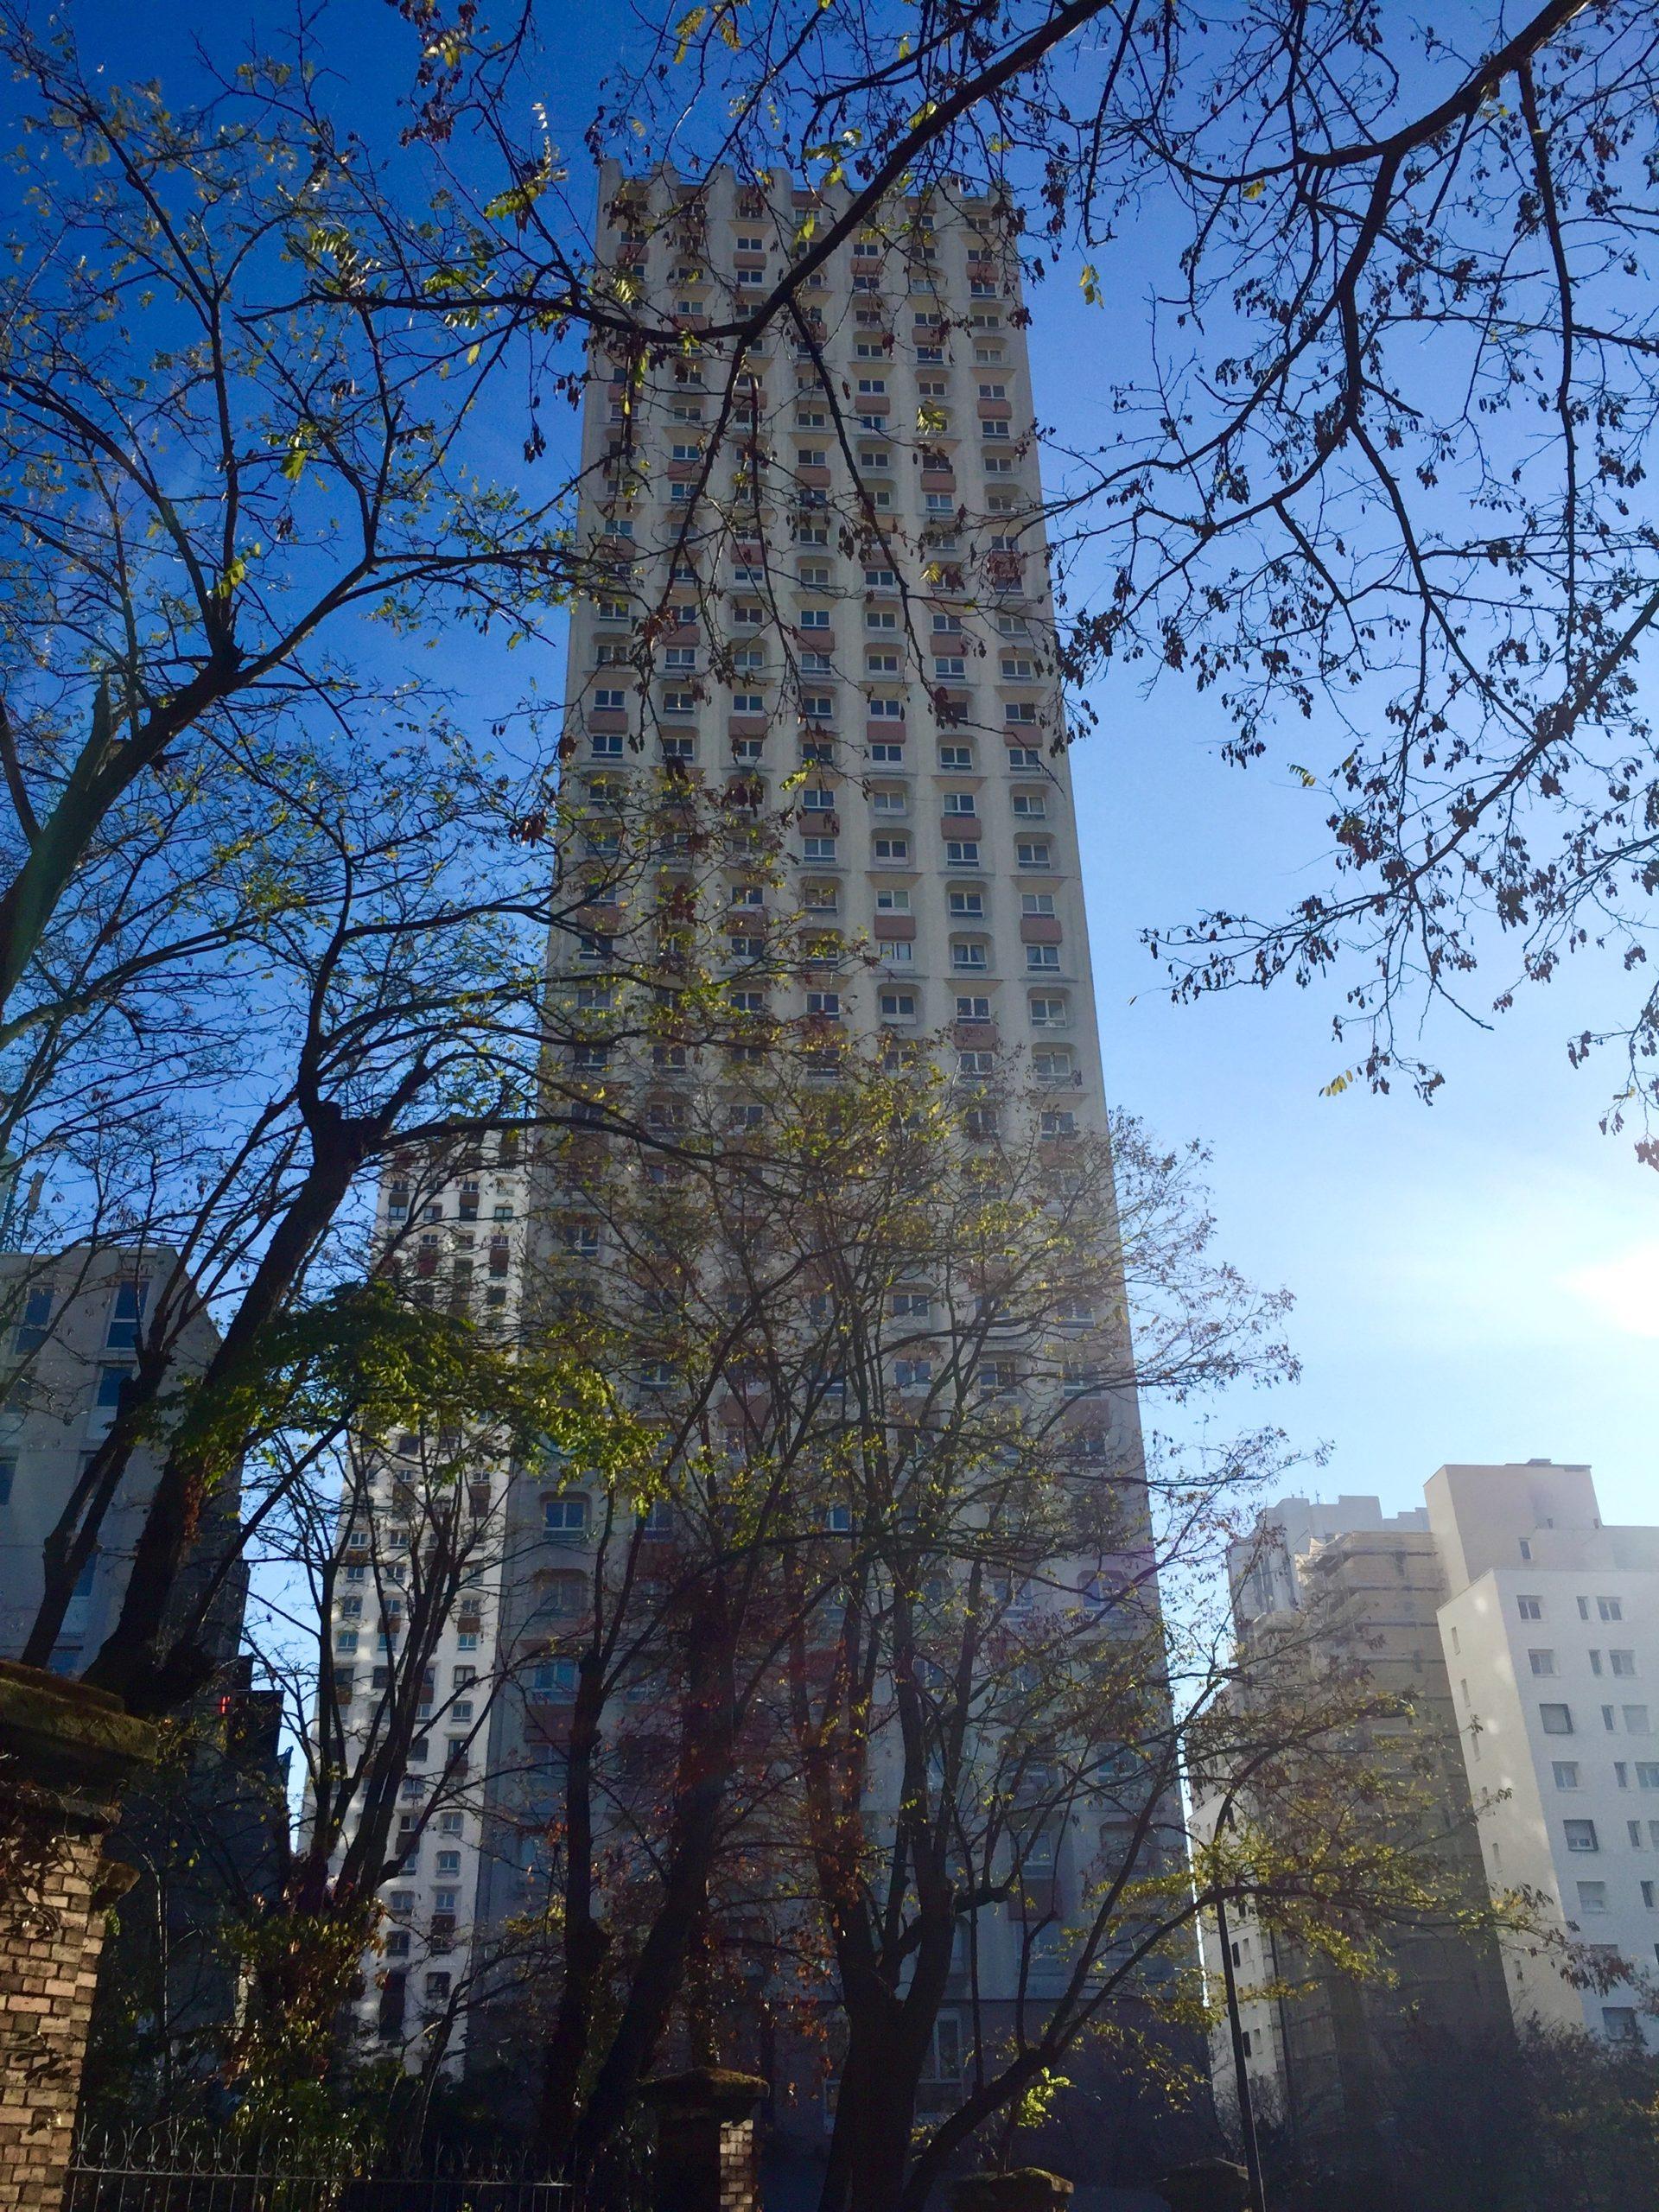 Un jour, une tour : l'esthétisme (non partagé par tous) des tours de Saint-Blaise